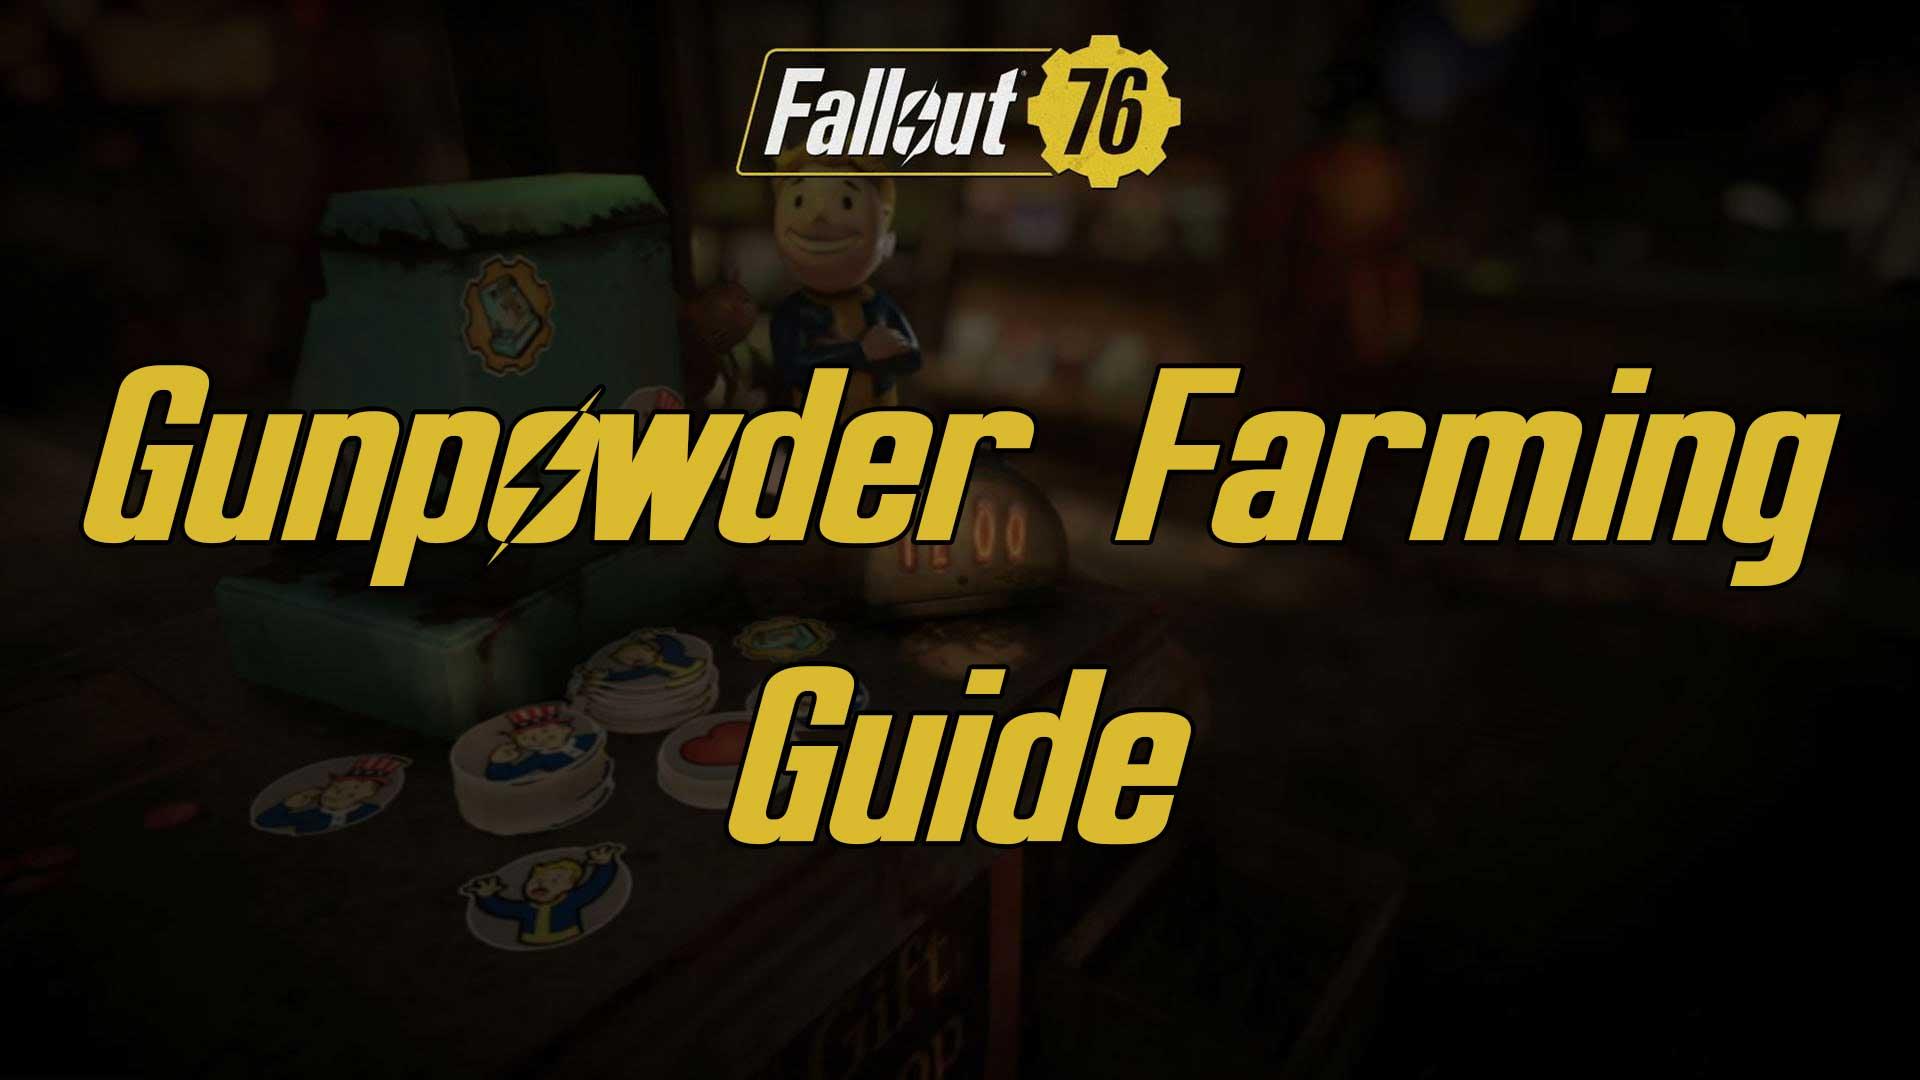 gunpowder farming fallout 76